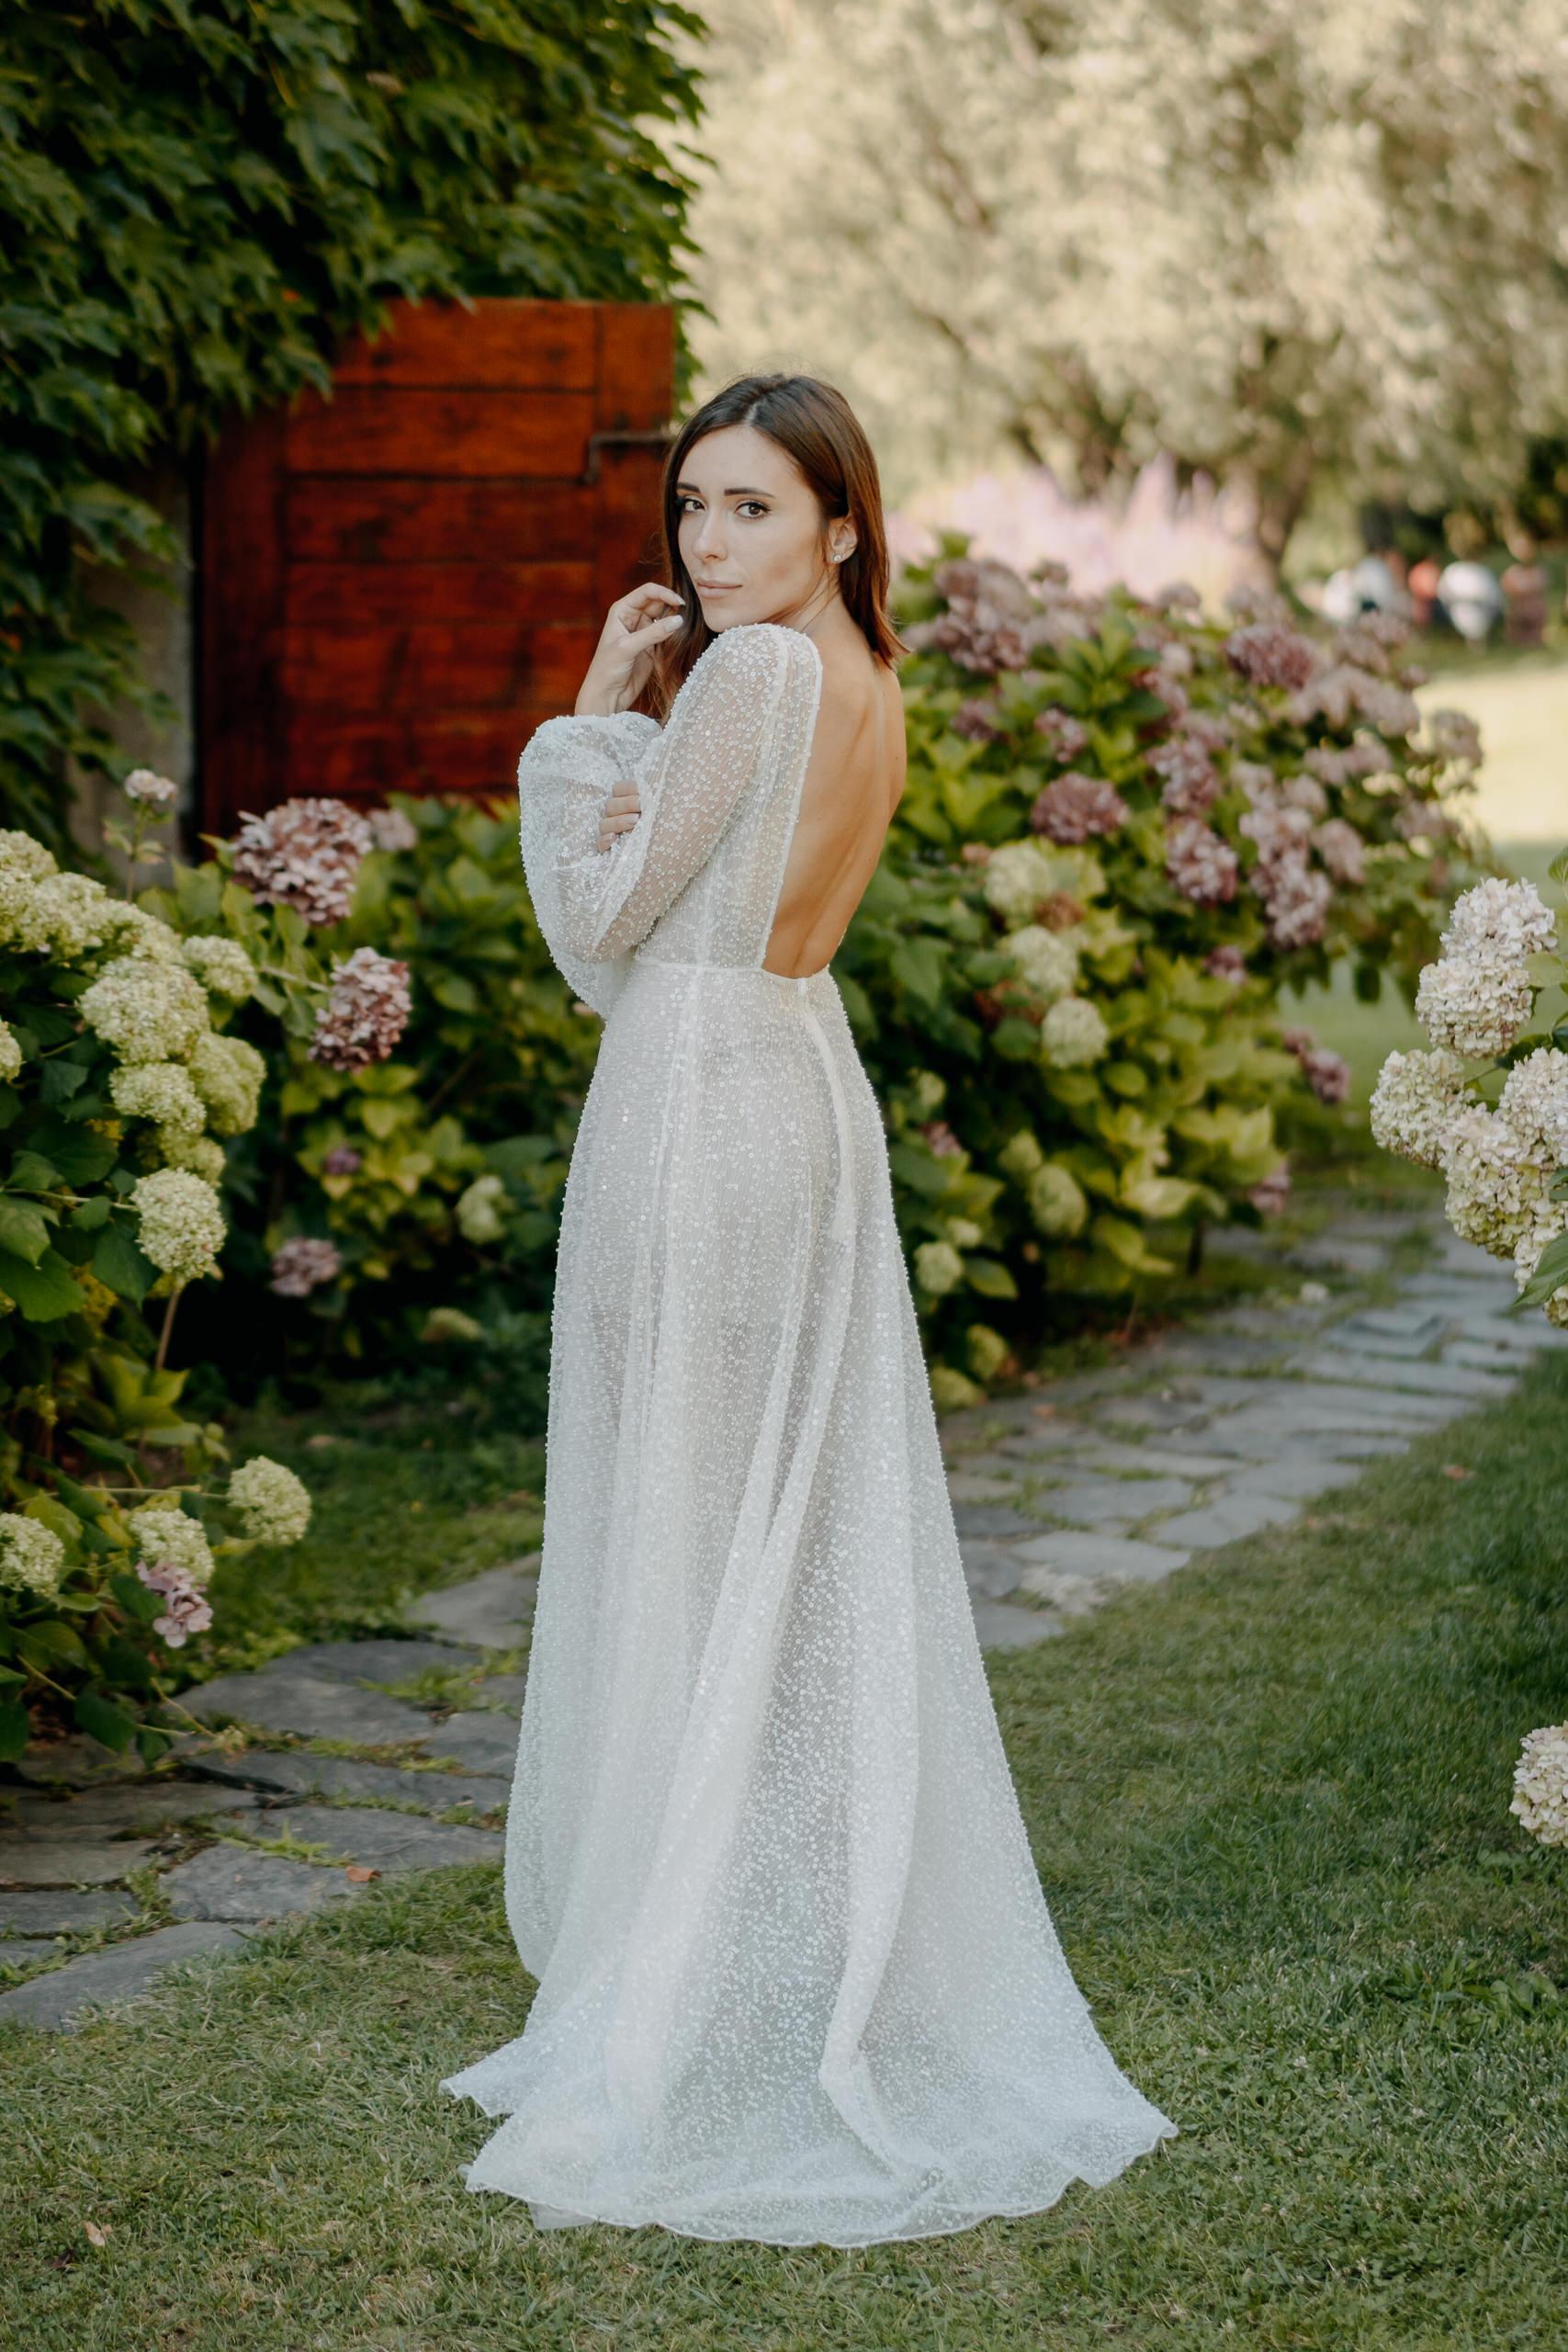 Sposa in abito da sposa senza schienale rivolto verso lo spettatore alzando la mano al mento su uno sfondo di fiori a Vicenza Italia Abito di Angelina Haole Verona